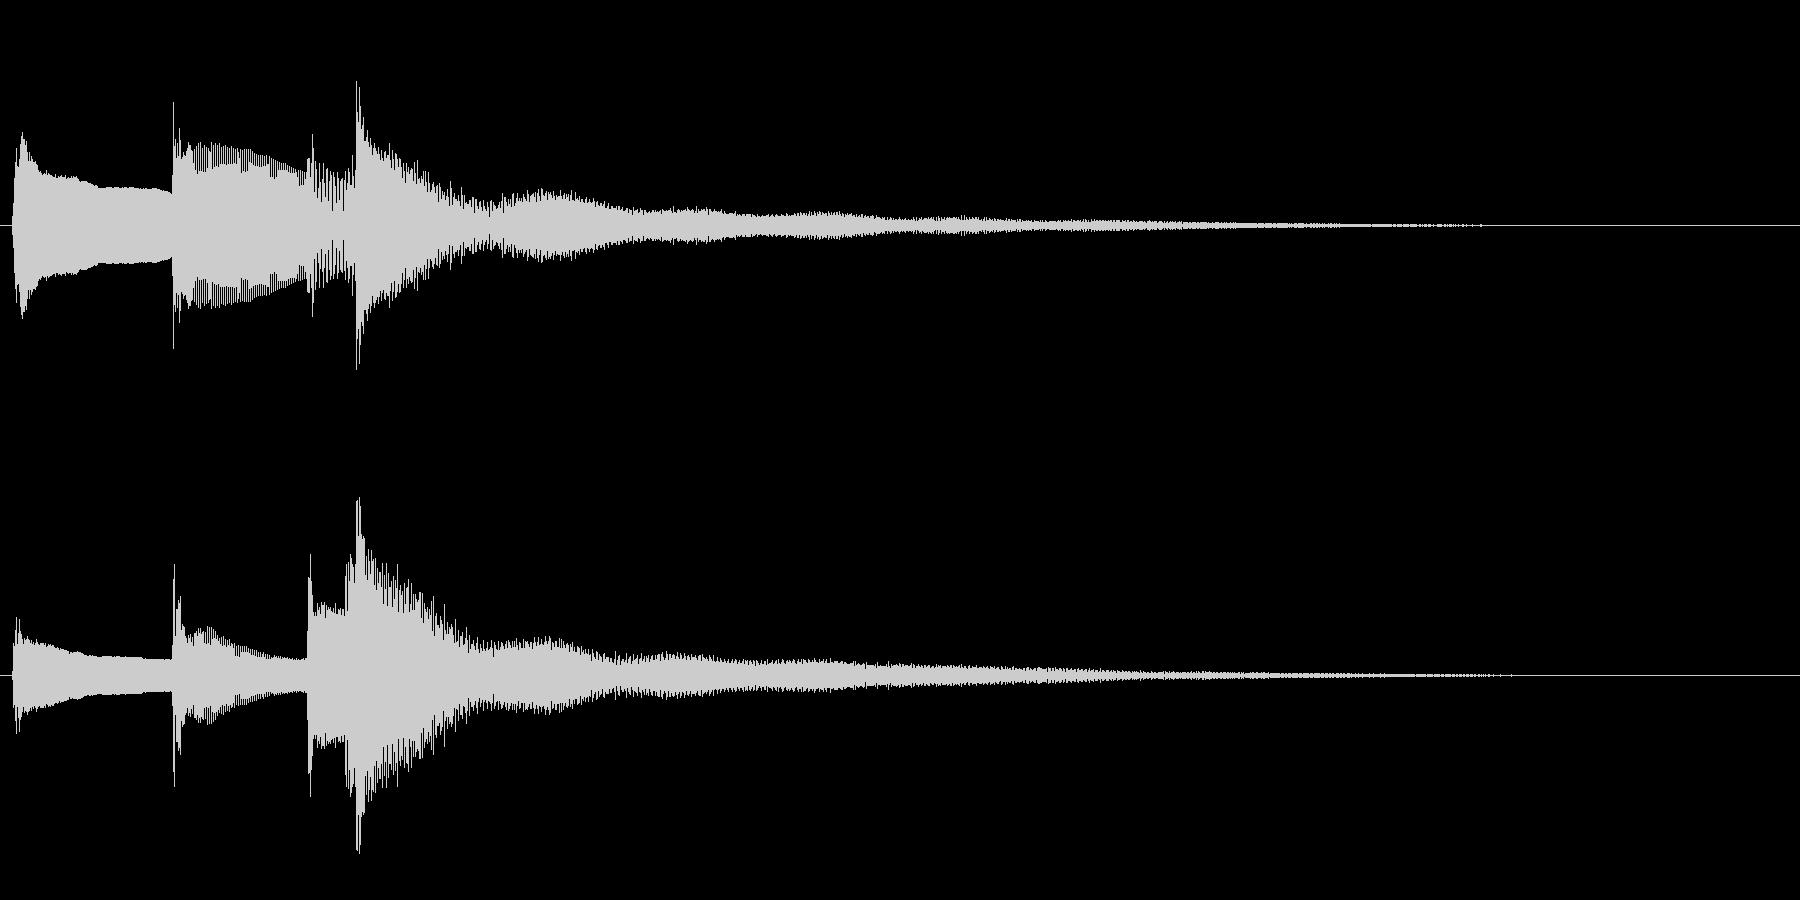 【生演奏】物悲しいピアノジングルの未再生の波形